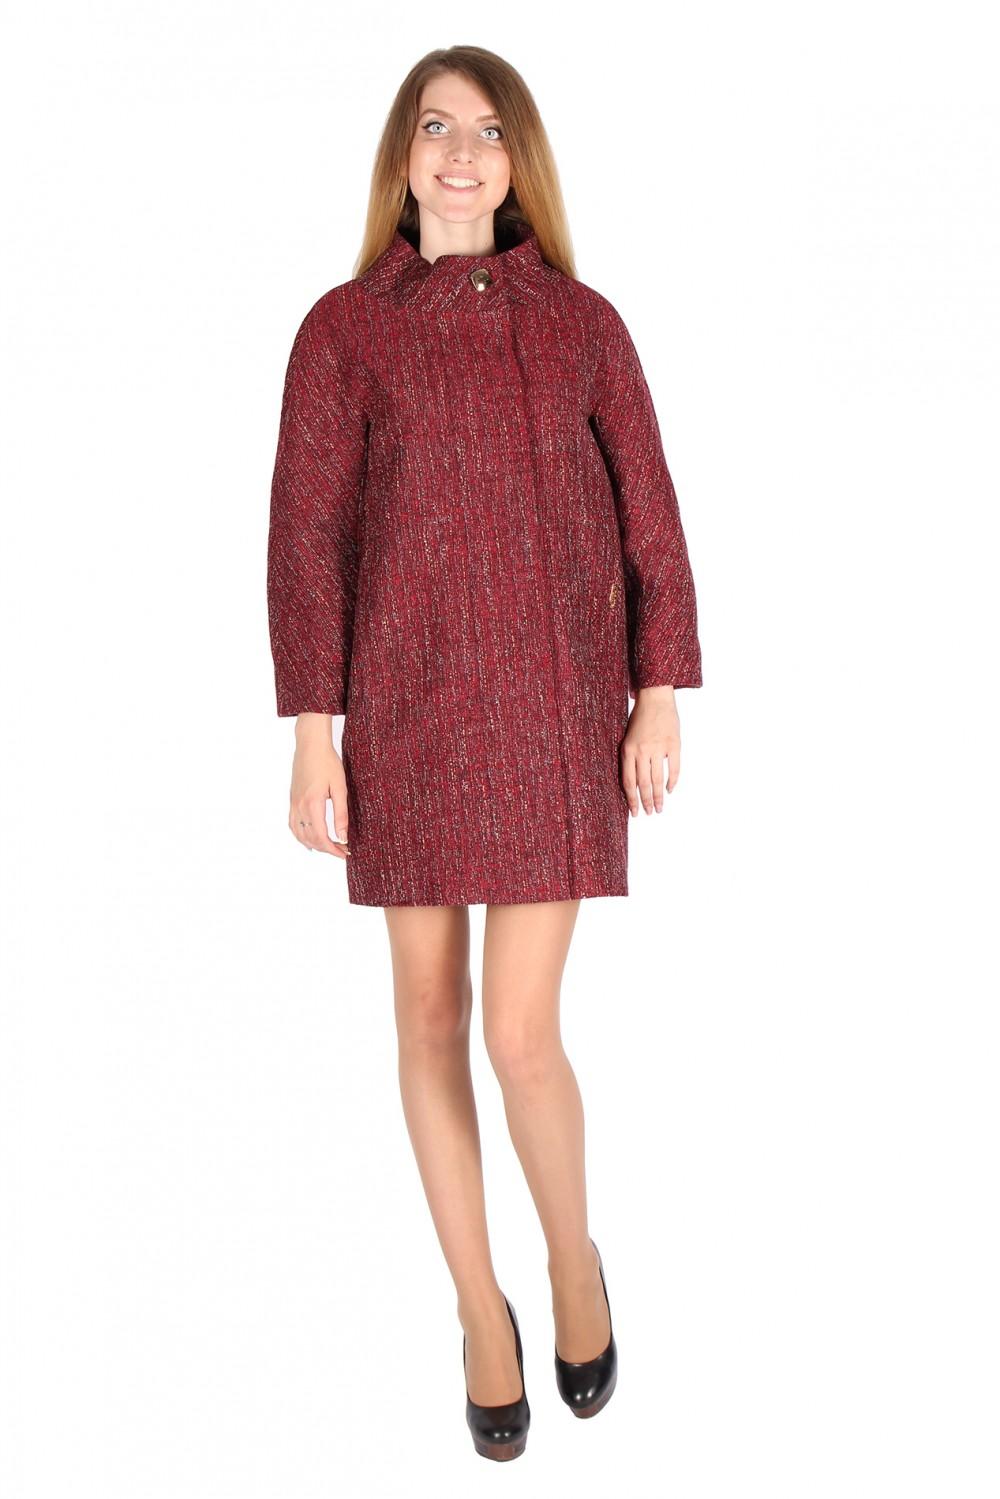 Купить оптом Полупальто женское бордового цвета 16301Bo в Омске